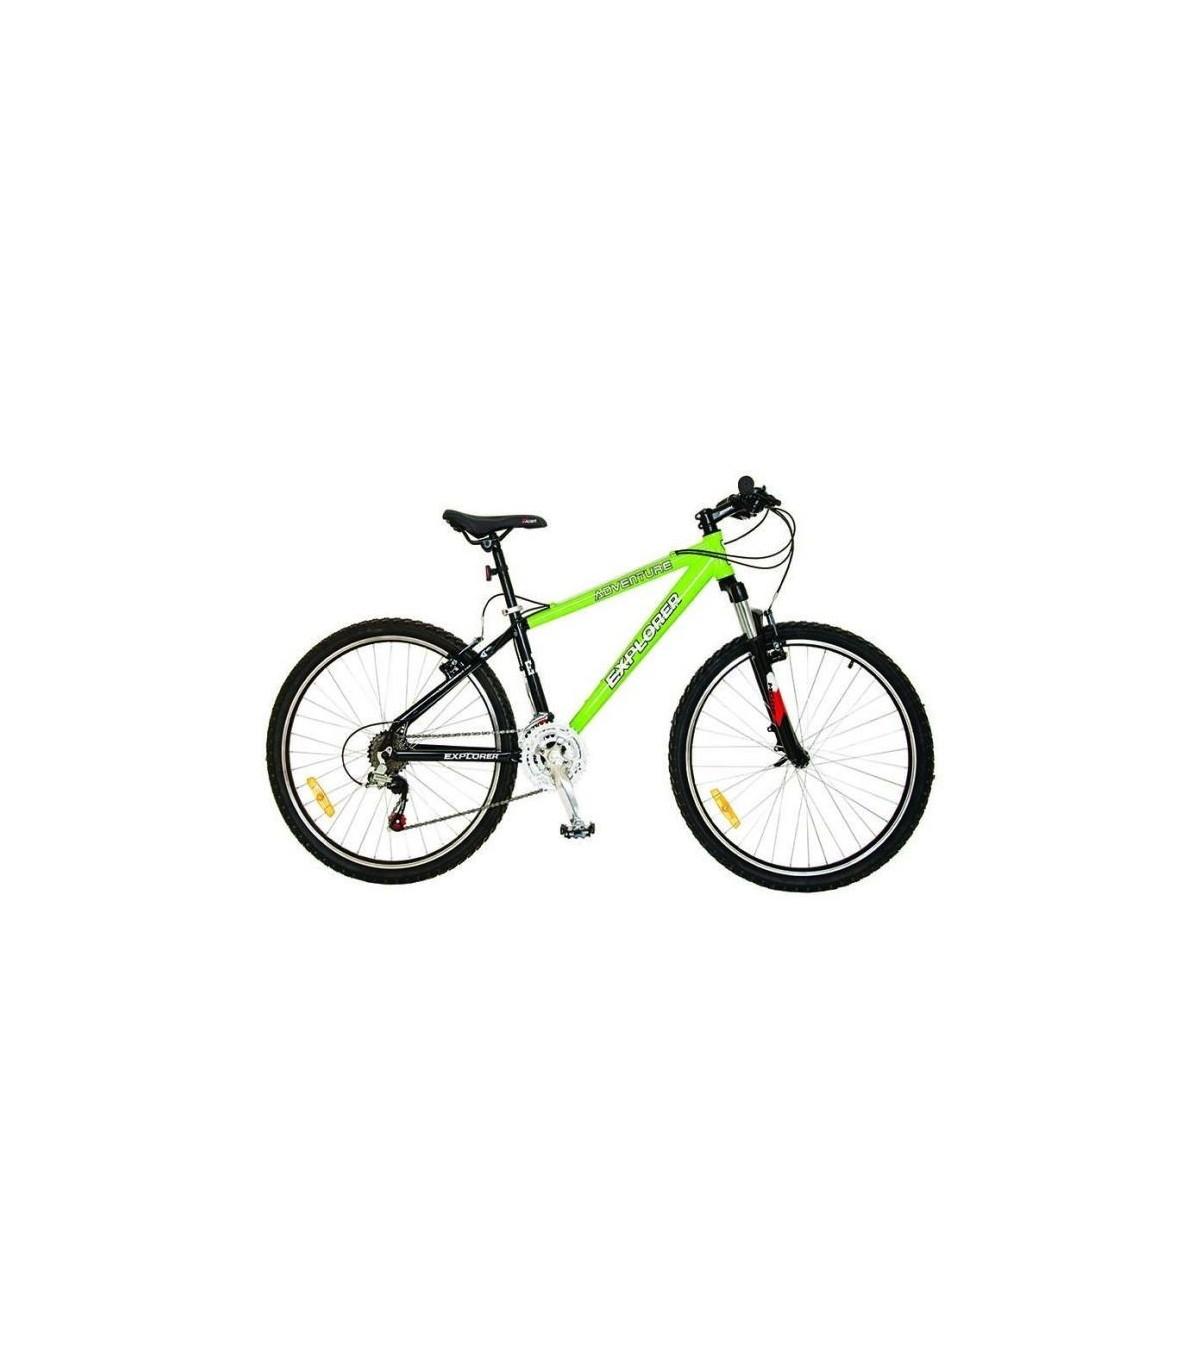 Bicicleta Enrique 585 Todo Terreno R26 21v. Cuadro Aluminio